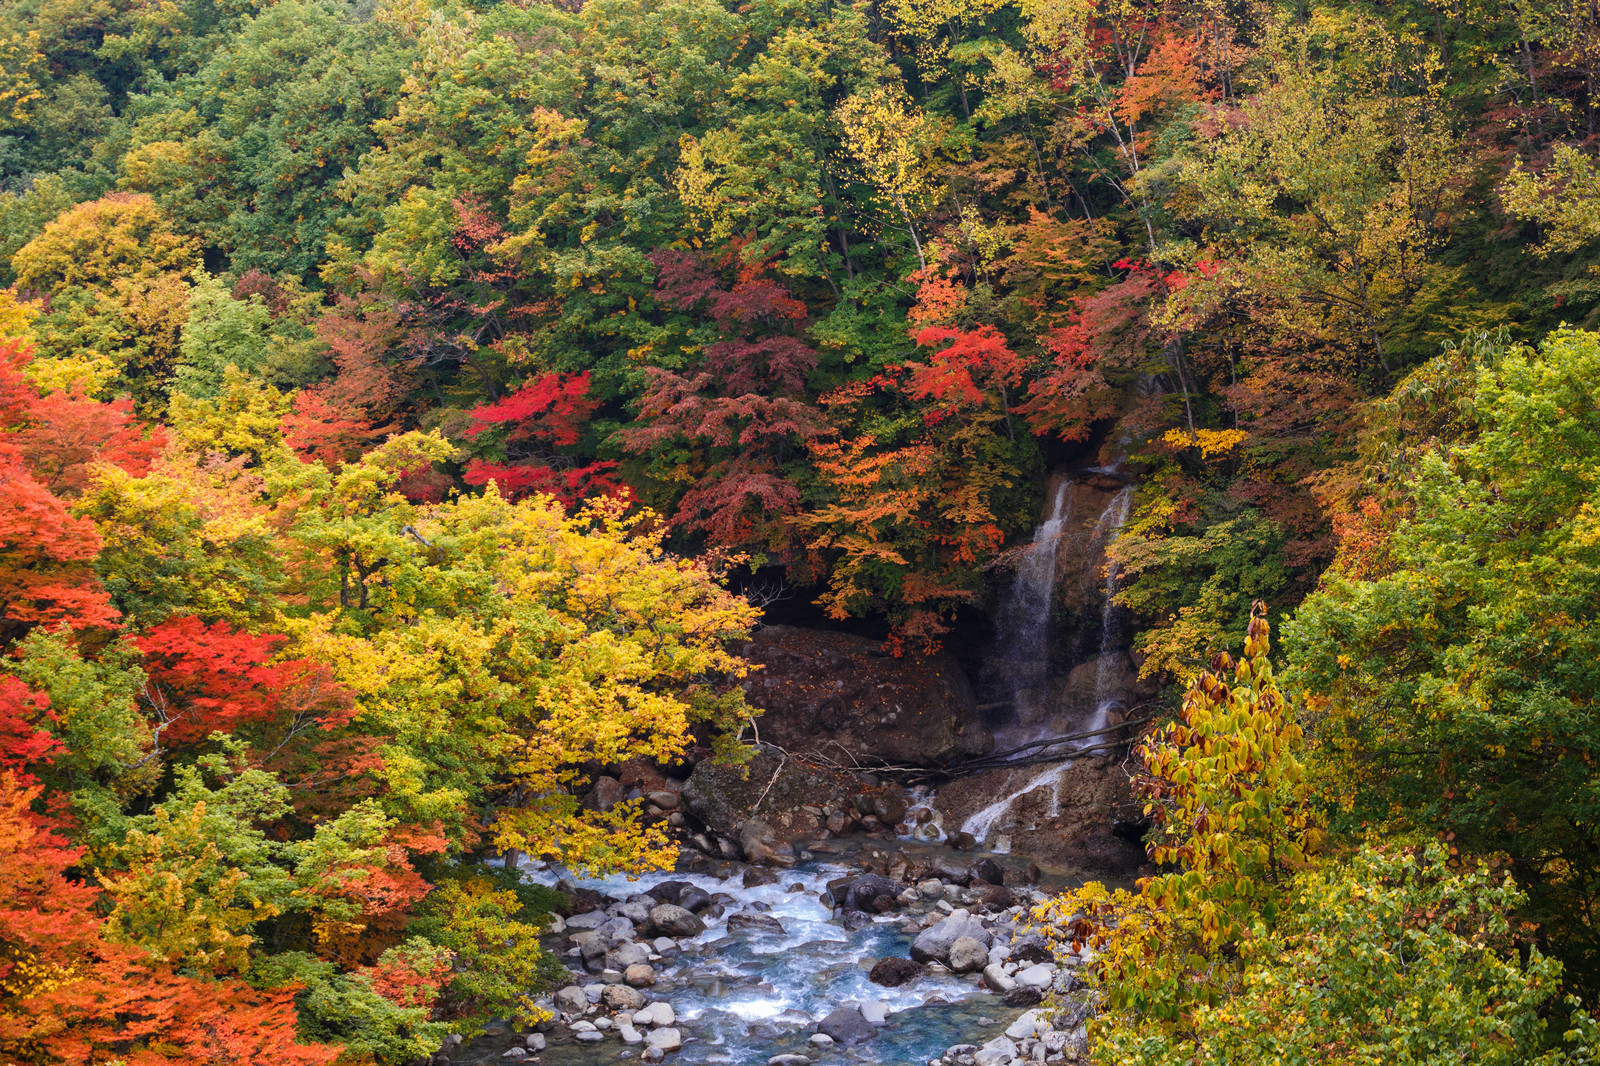 「八幡平の紅葉渓谷」の写真